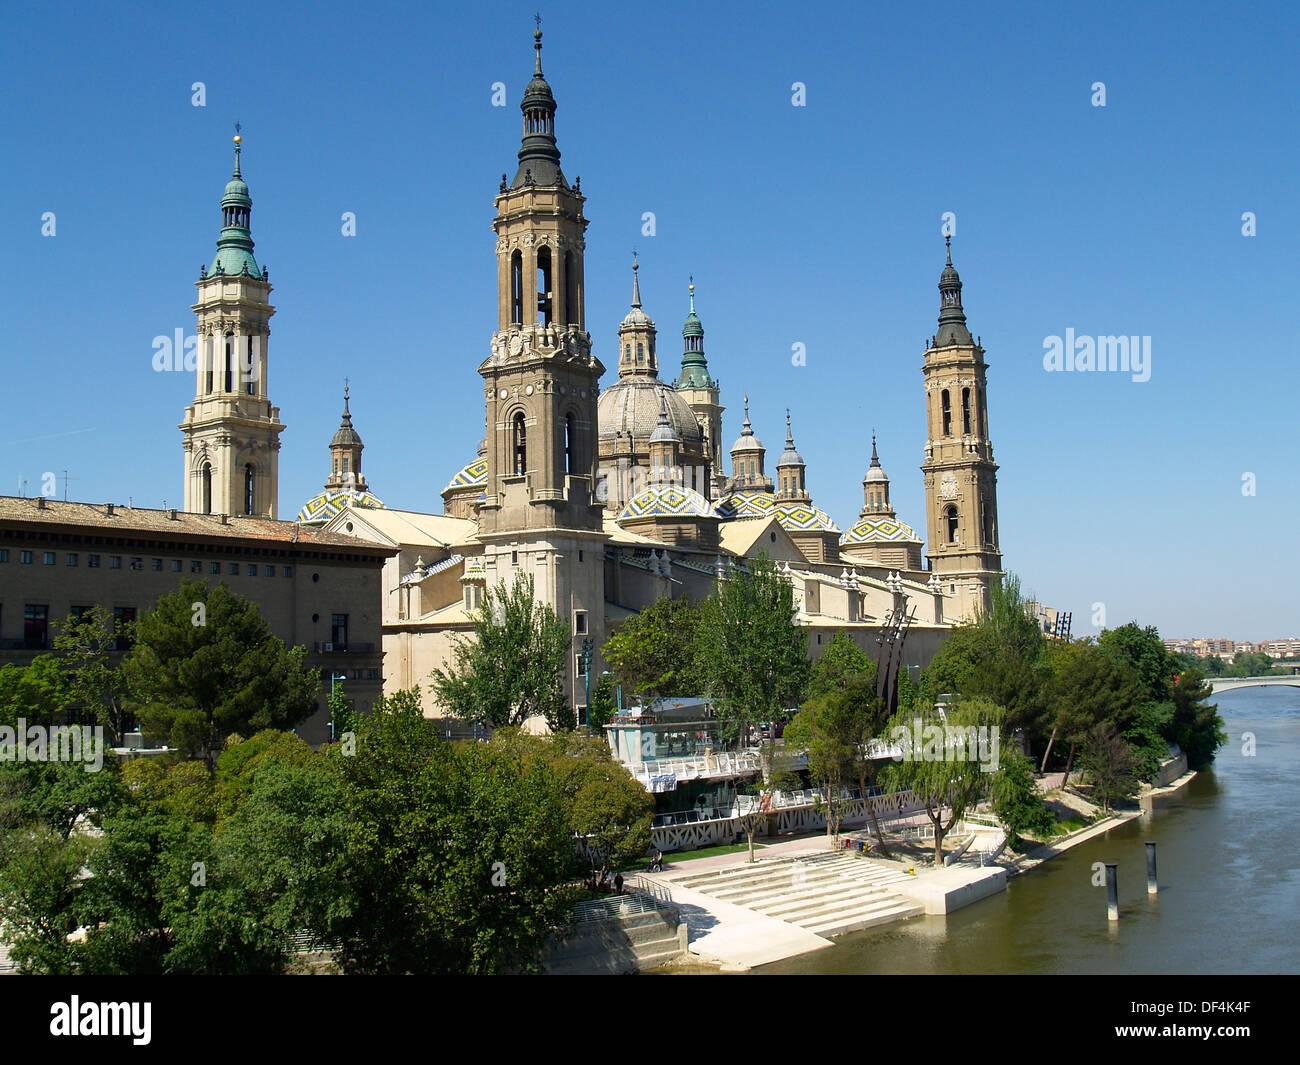 The Basilica of El Pilar,Zaragoza,Spain - Stock Image